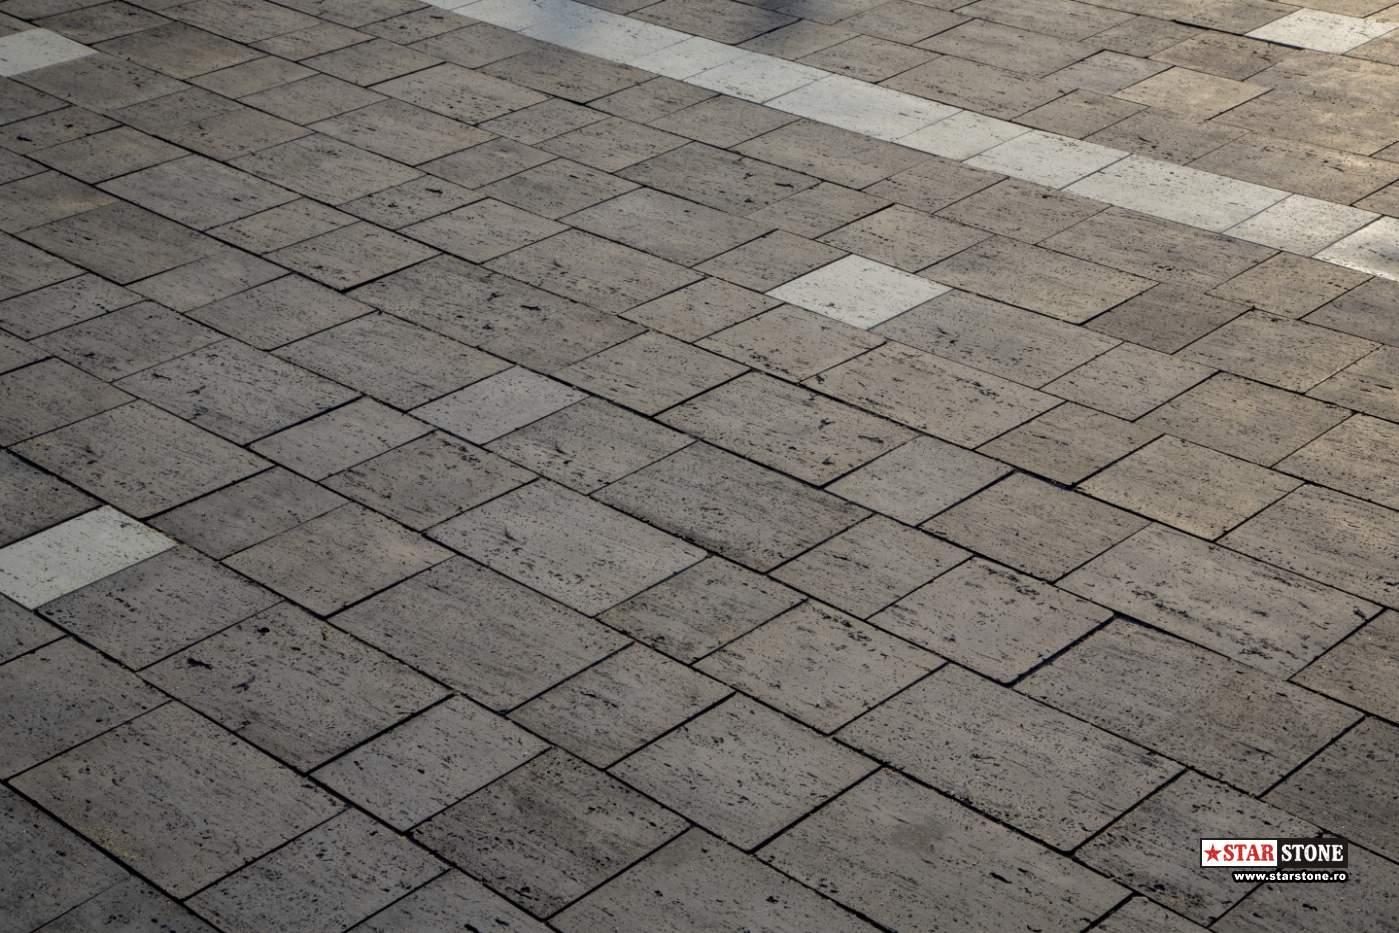 Dale pavaj - Athos - Centru Spa, Calarasi 01